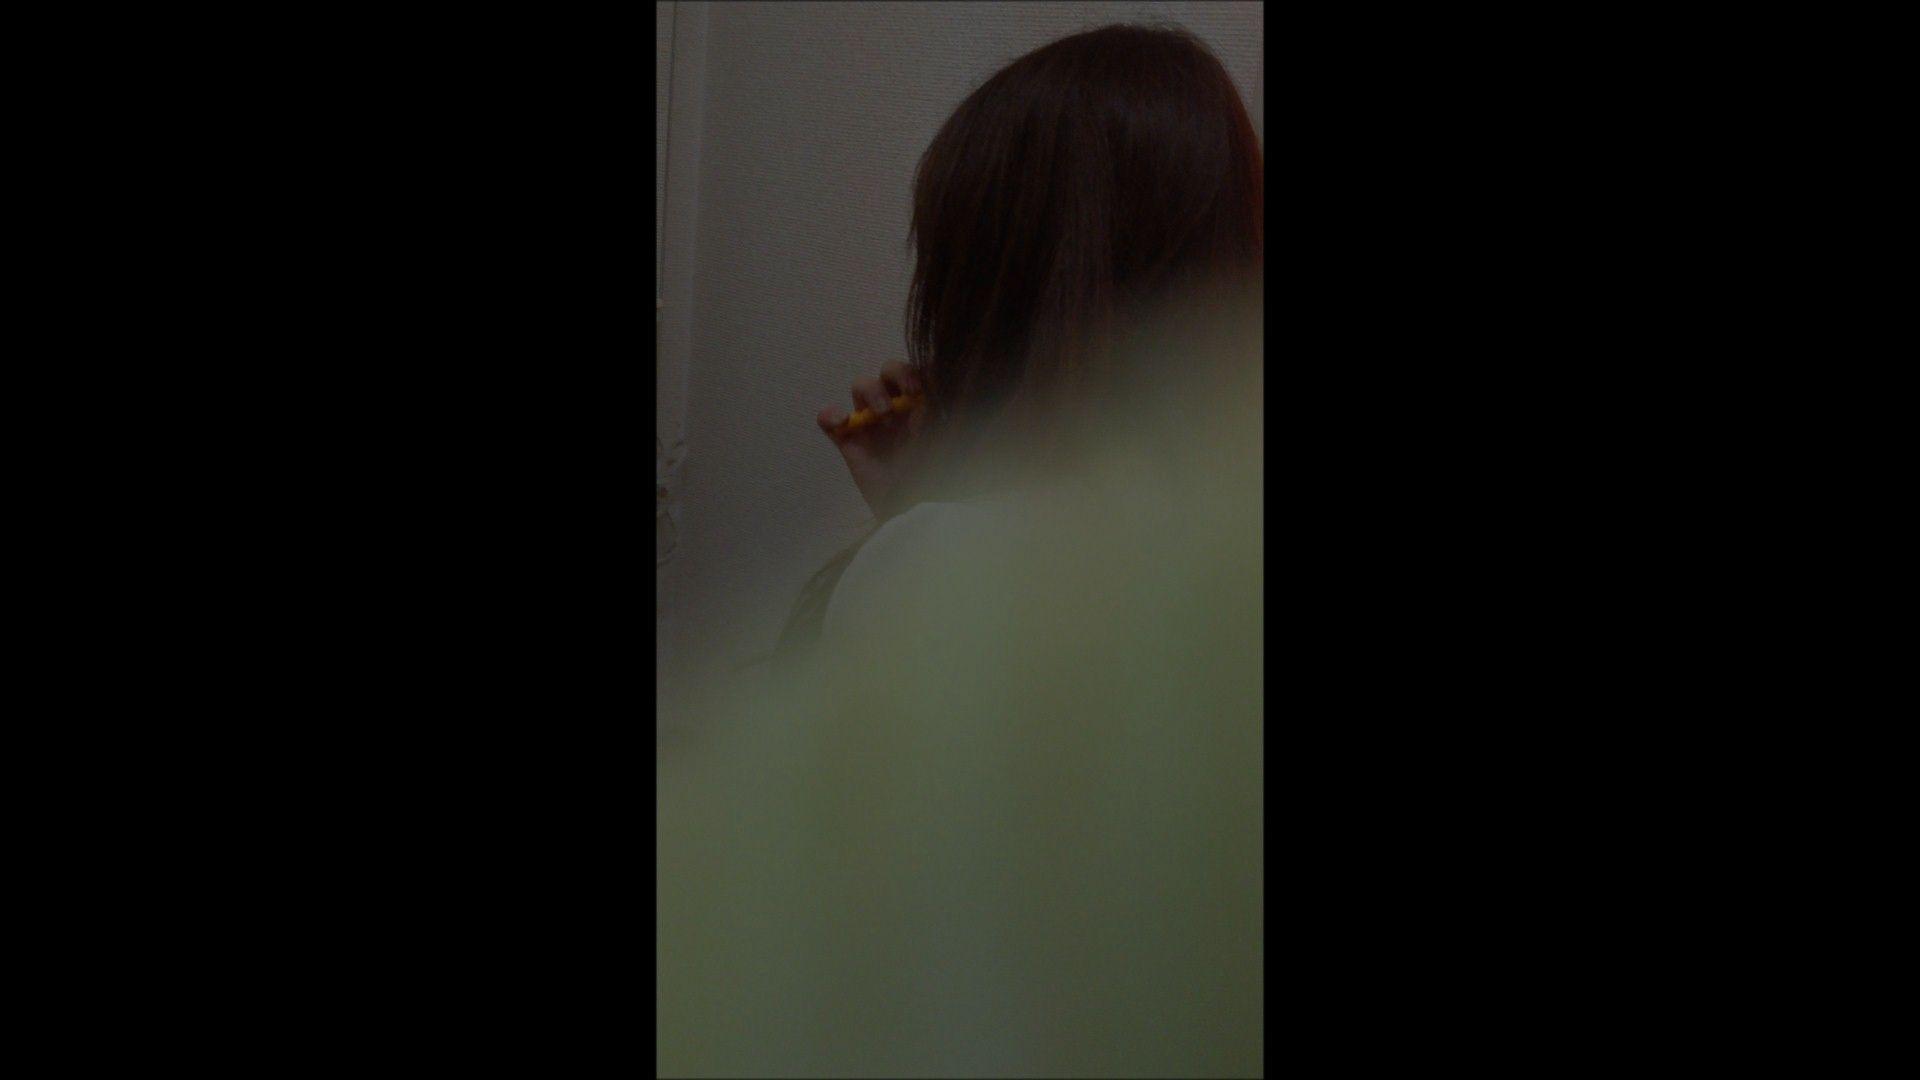 08(8日目)メイク中の彼女の顔を撮りました! マンコ特集 | オマンコ丸見え  59連発 1